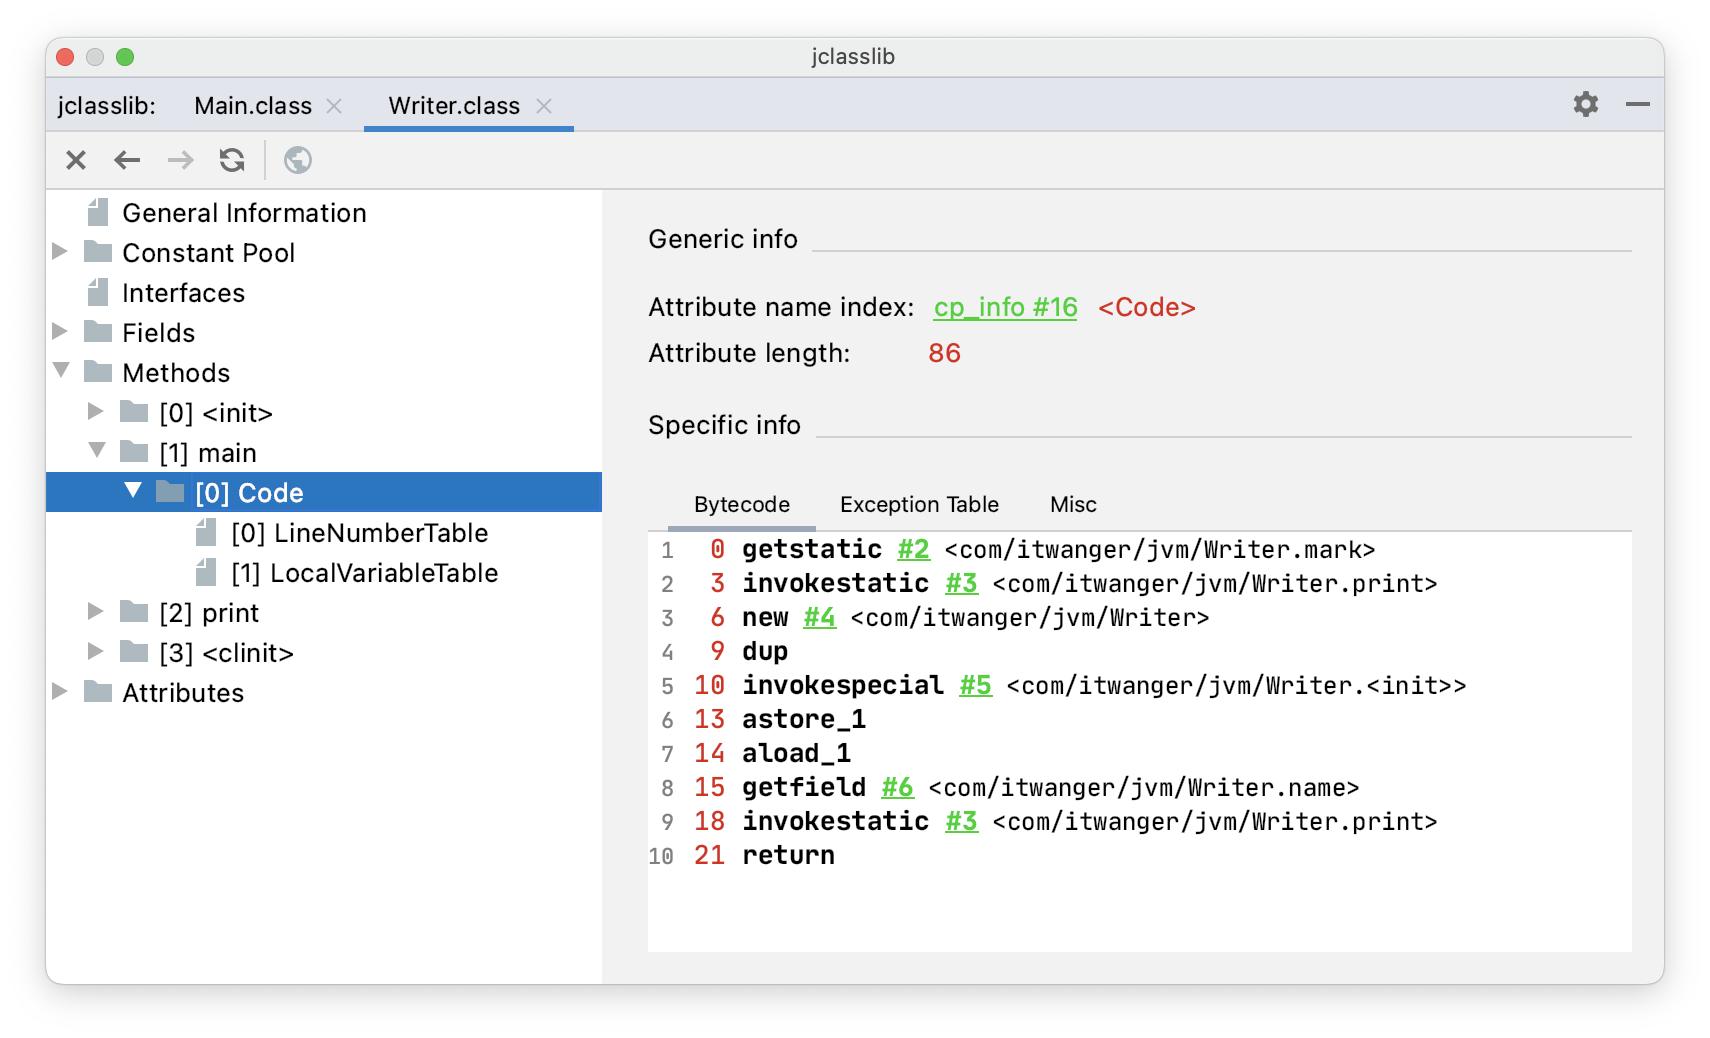 我要悄悄学习 Java 字节码指令,在成为技术大佬的路上一去不复返插图(11)